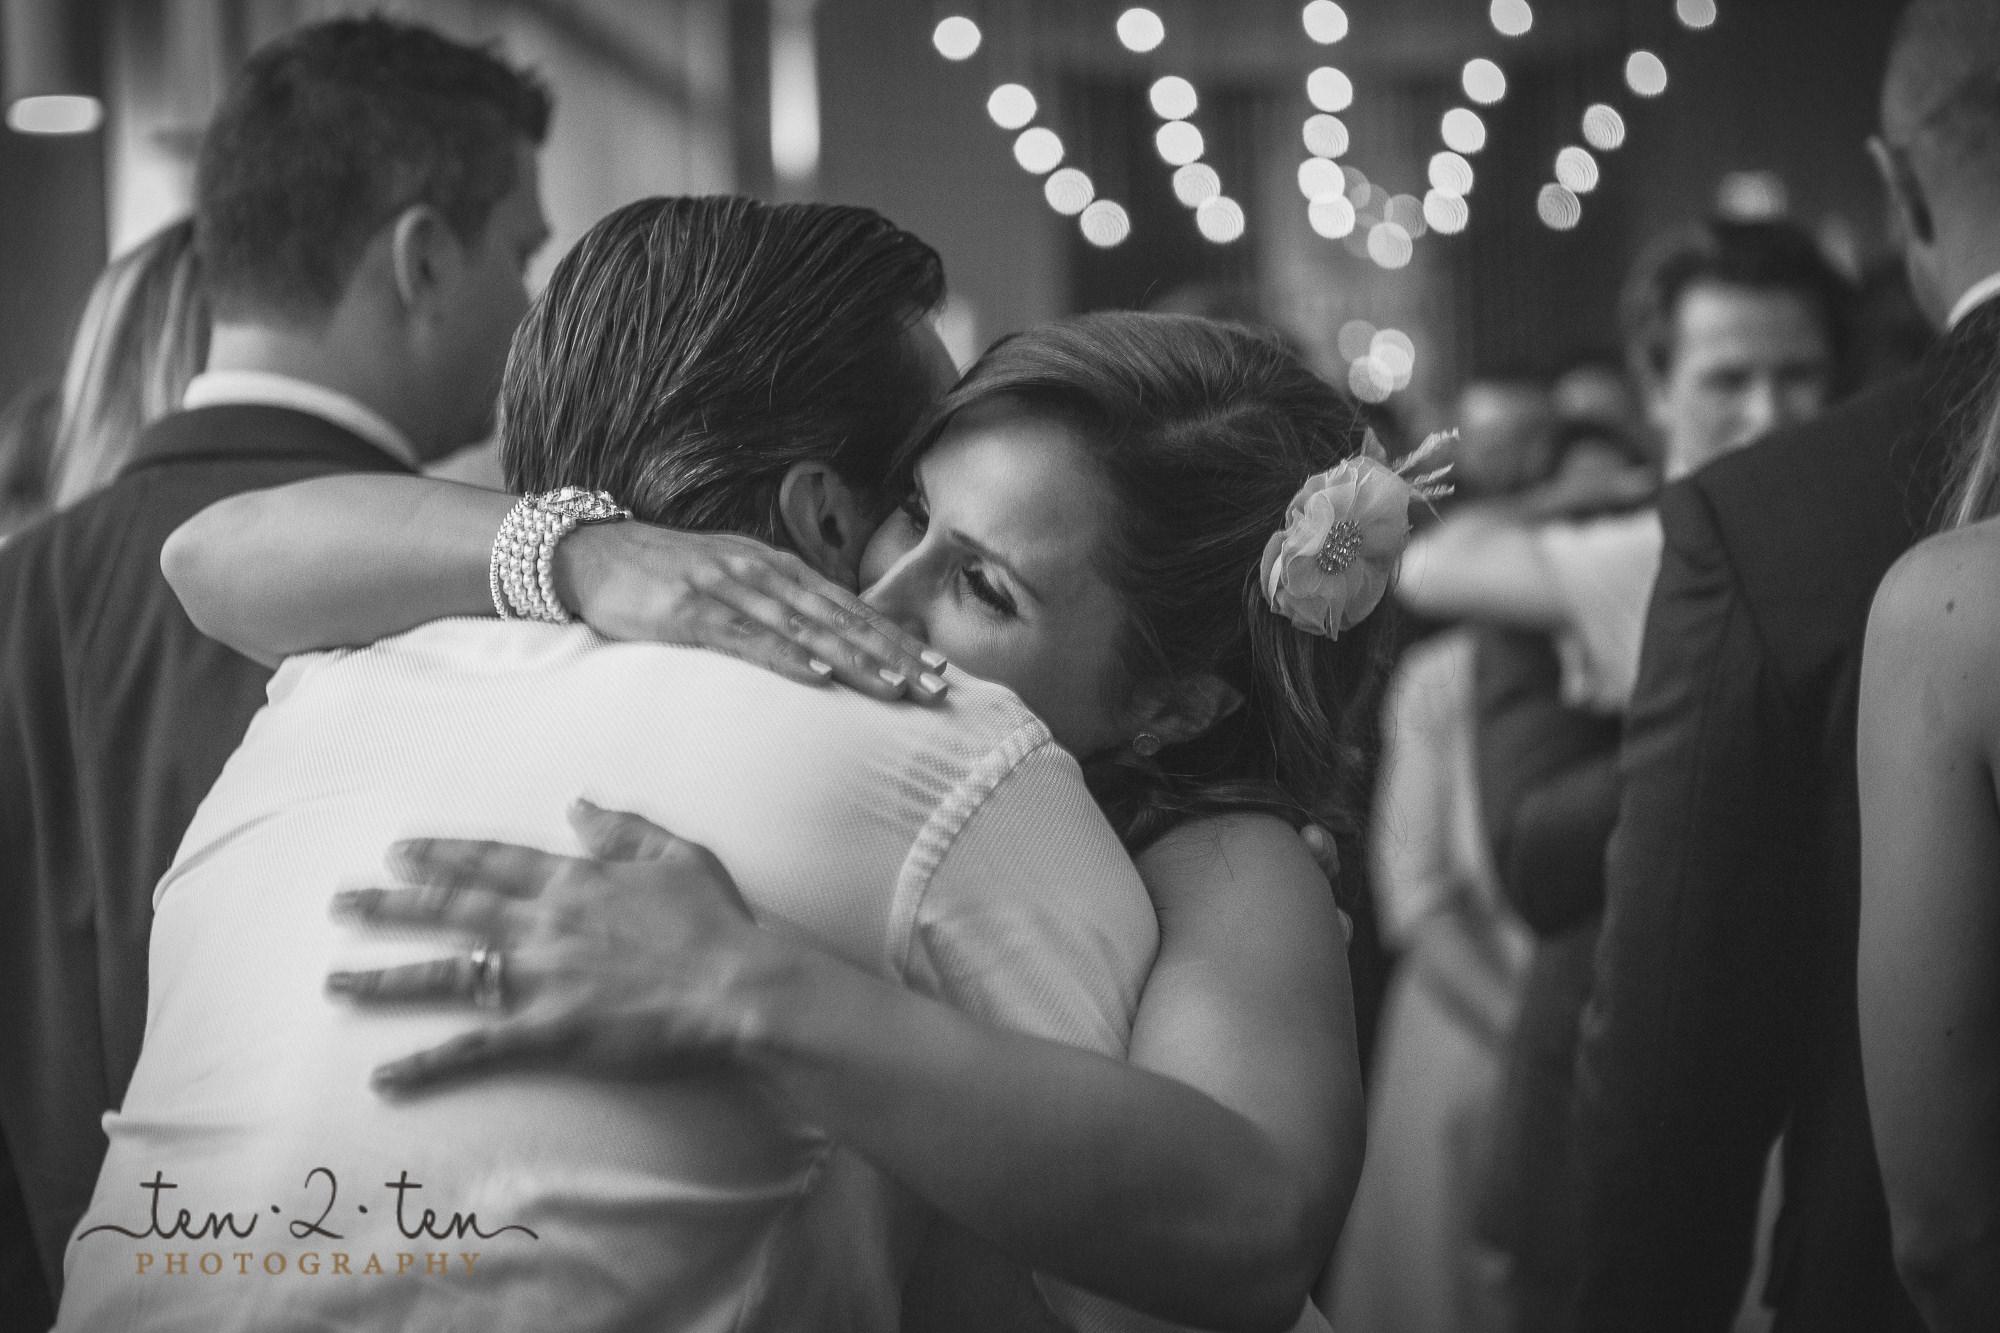 mildreds temple kitchen wedding photos 378 - Mildred's Temple Kitchen Wedding Photos